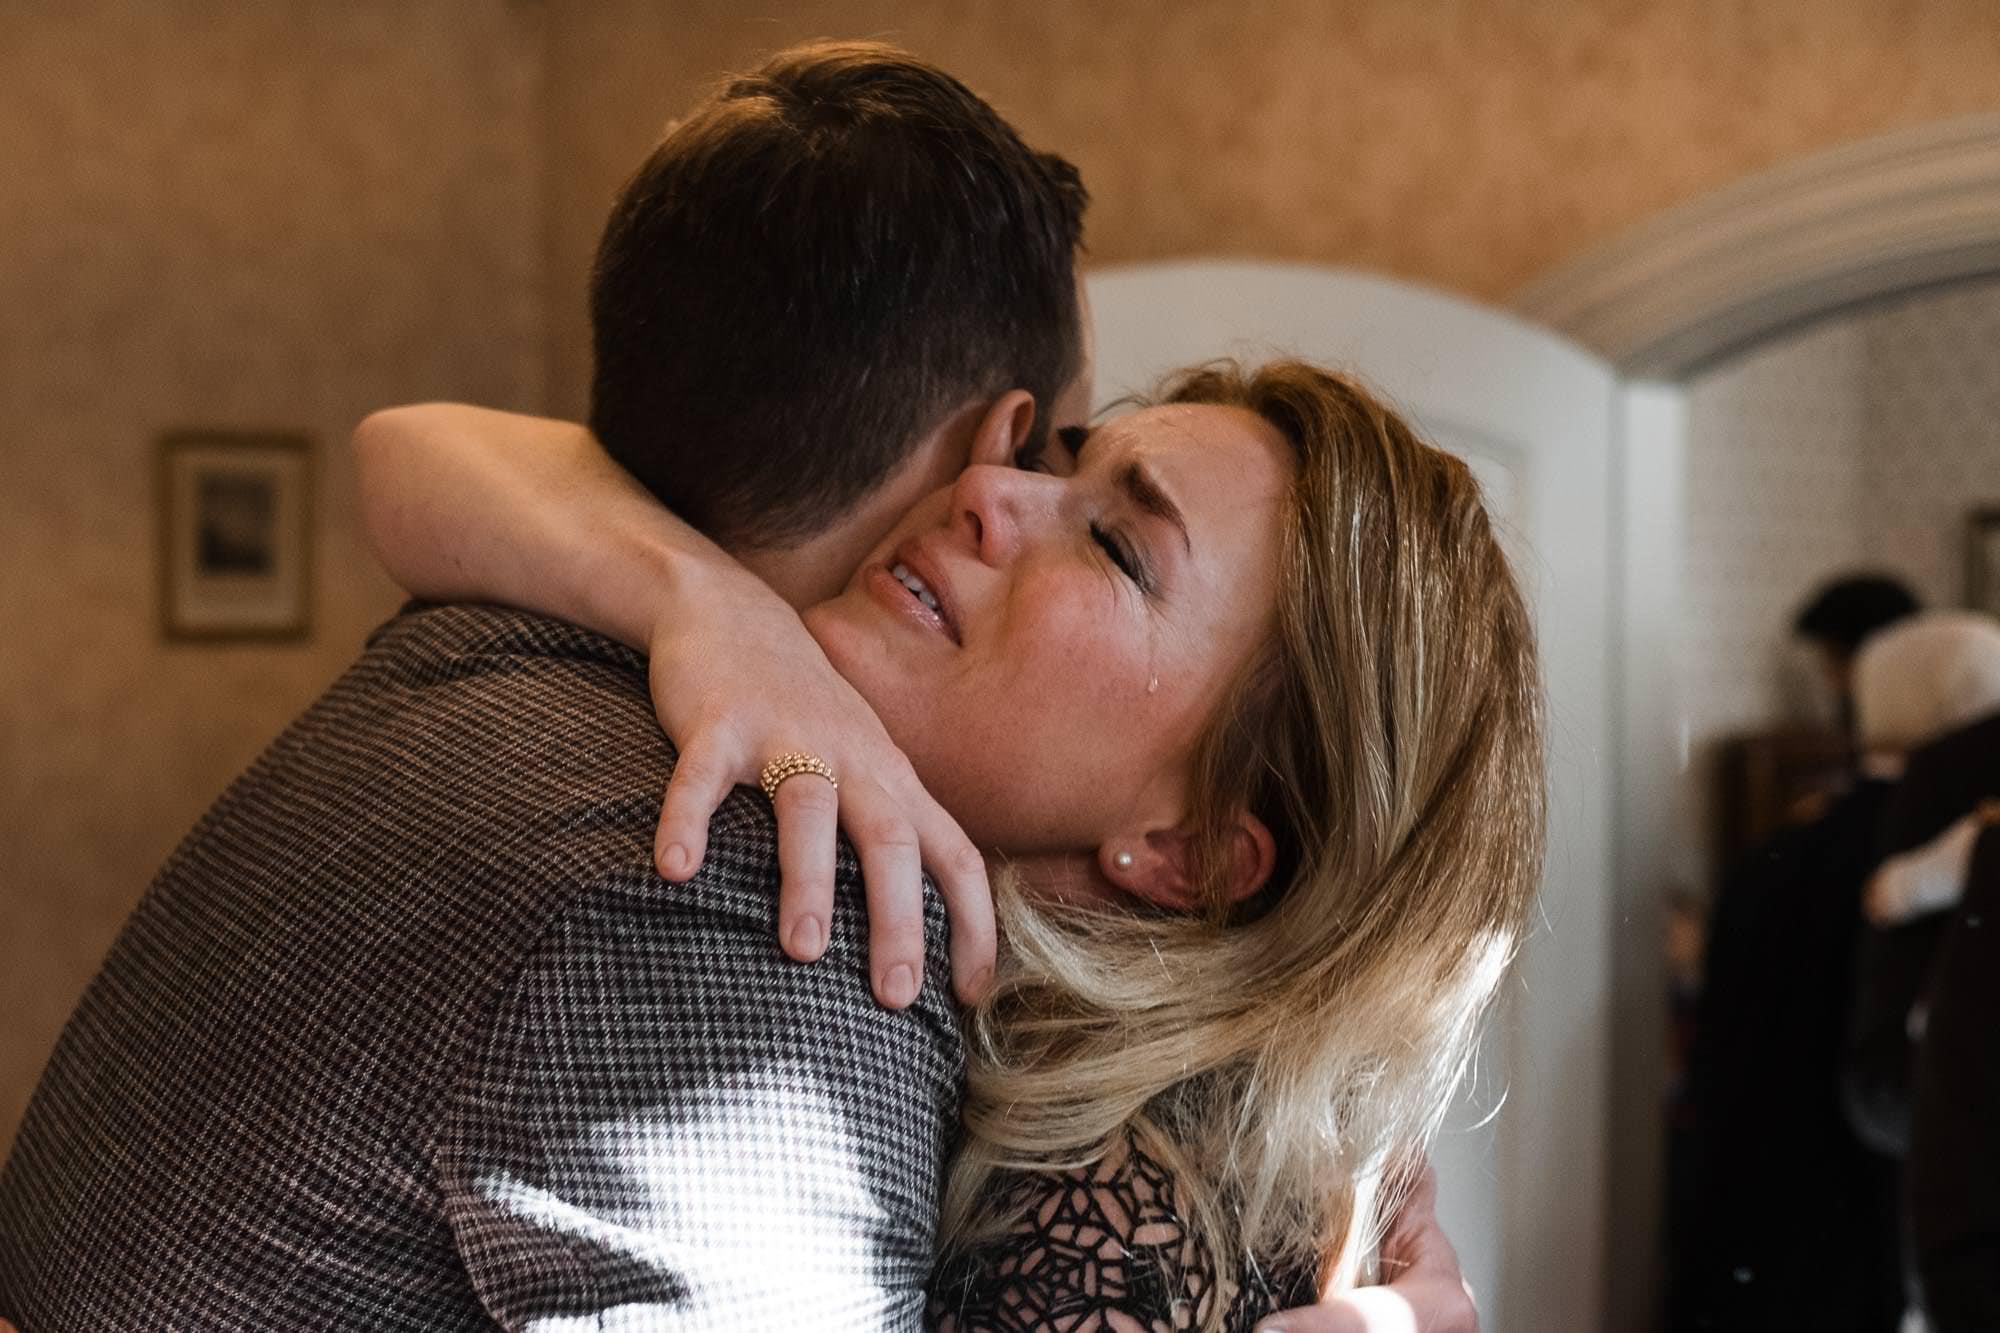 Stavenhagenhaus- Standesamtliche Hochzeitsfotografie Hamburg- Queer Wedding- Gratulation der Trauzeugin- Tränen der Rührung.